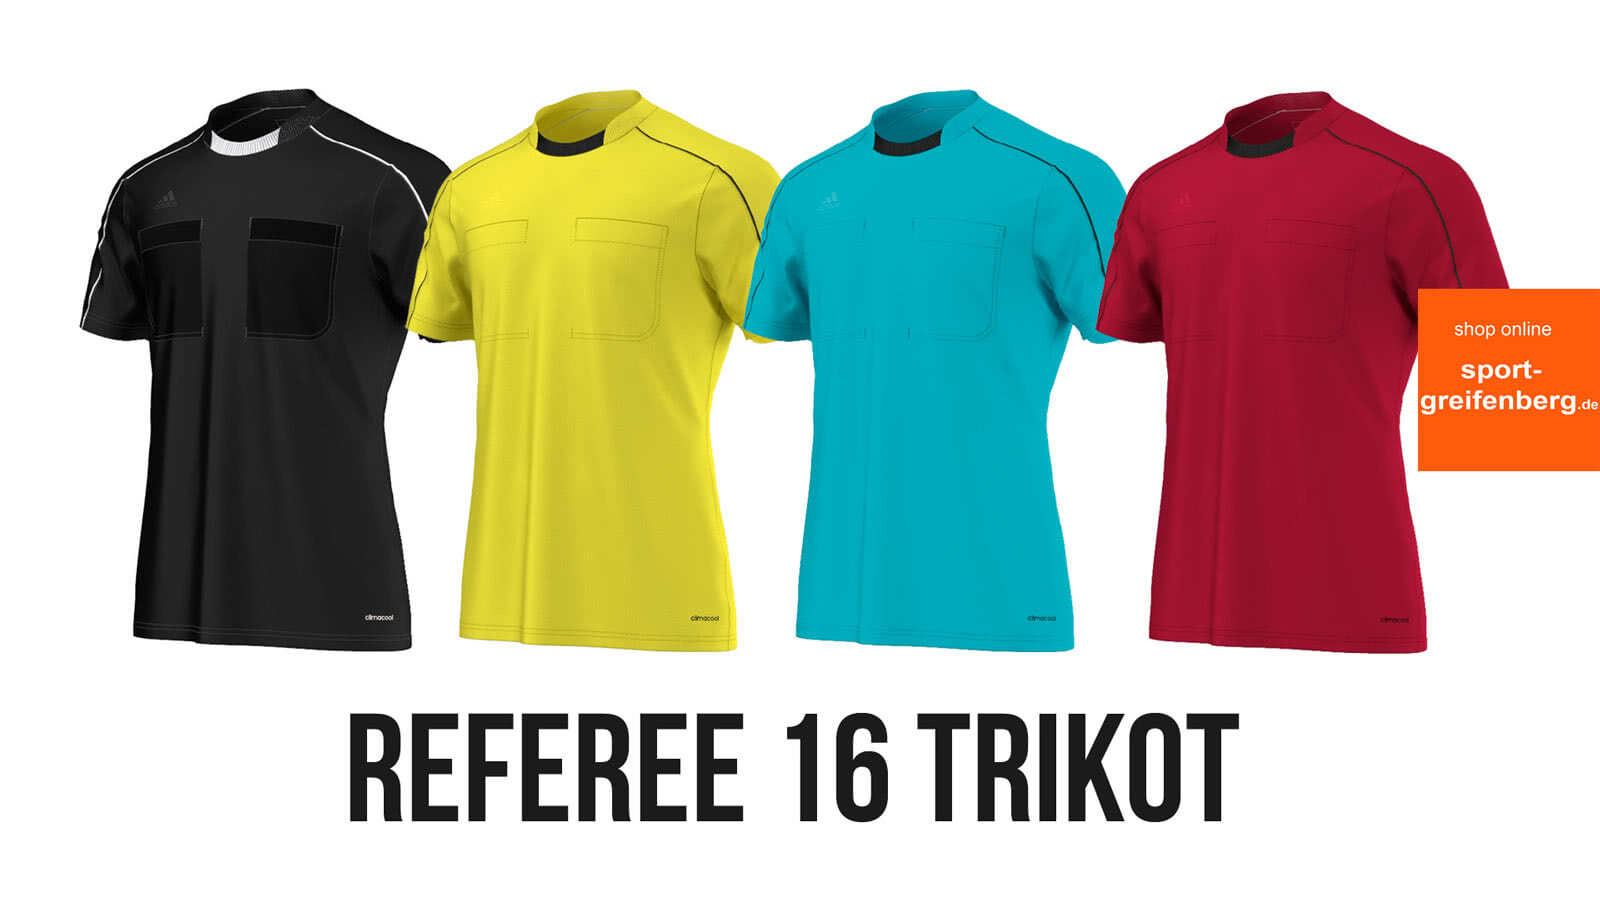 Das Adidas Referee 16 Trikot (4 Farben) als Schiedsrichter Trikot der EM 2016 und der Saison 2016/2017